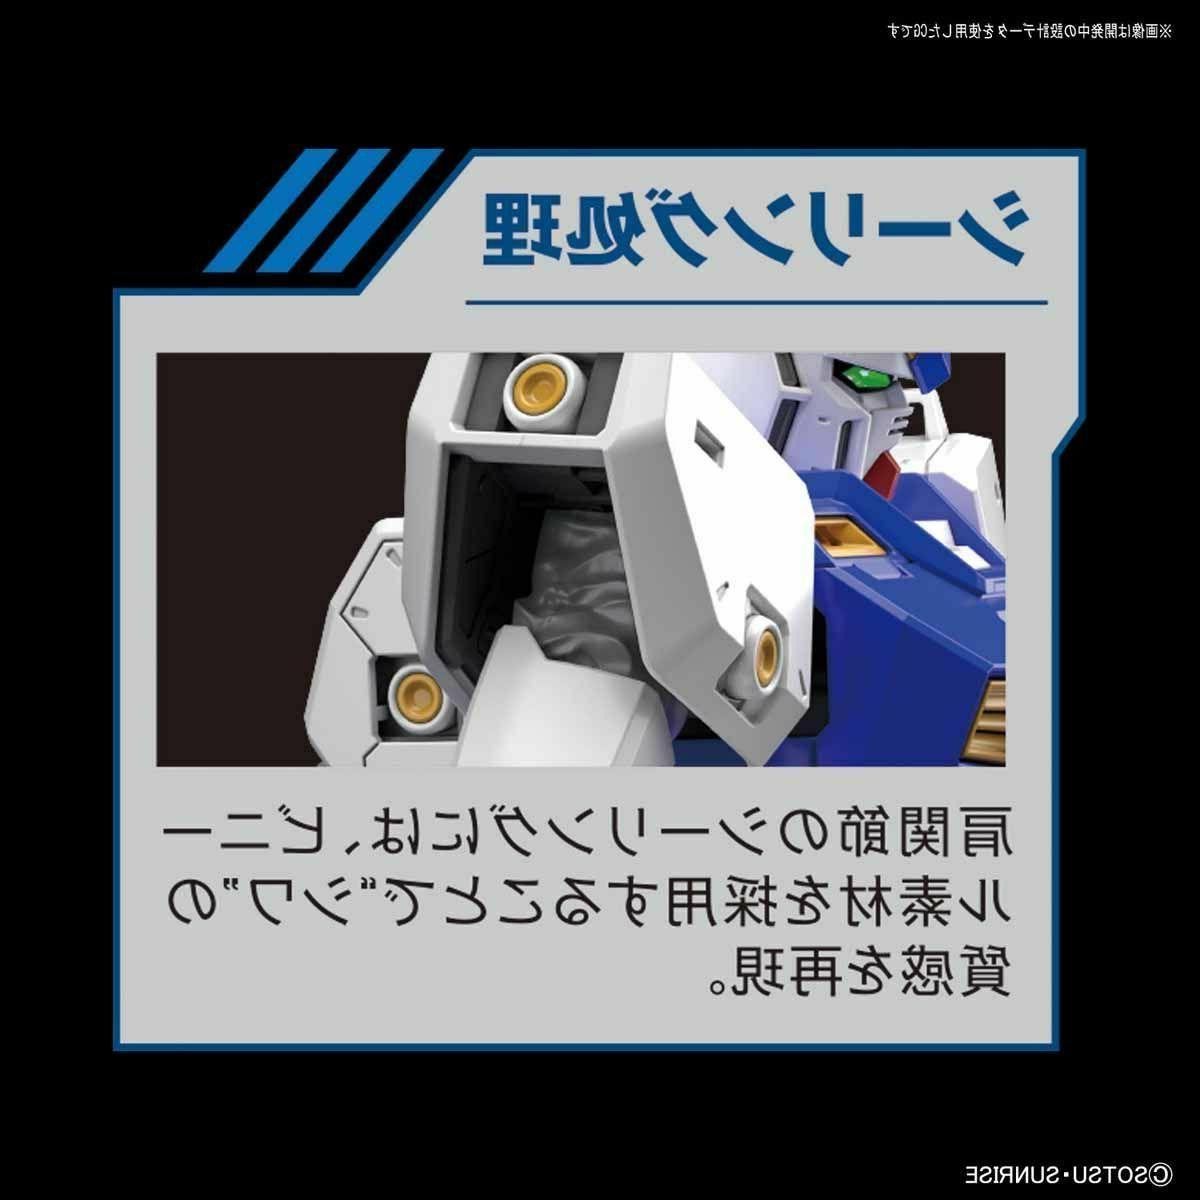 Bandai Gundam Alex 2.0 1/100 Model Stock